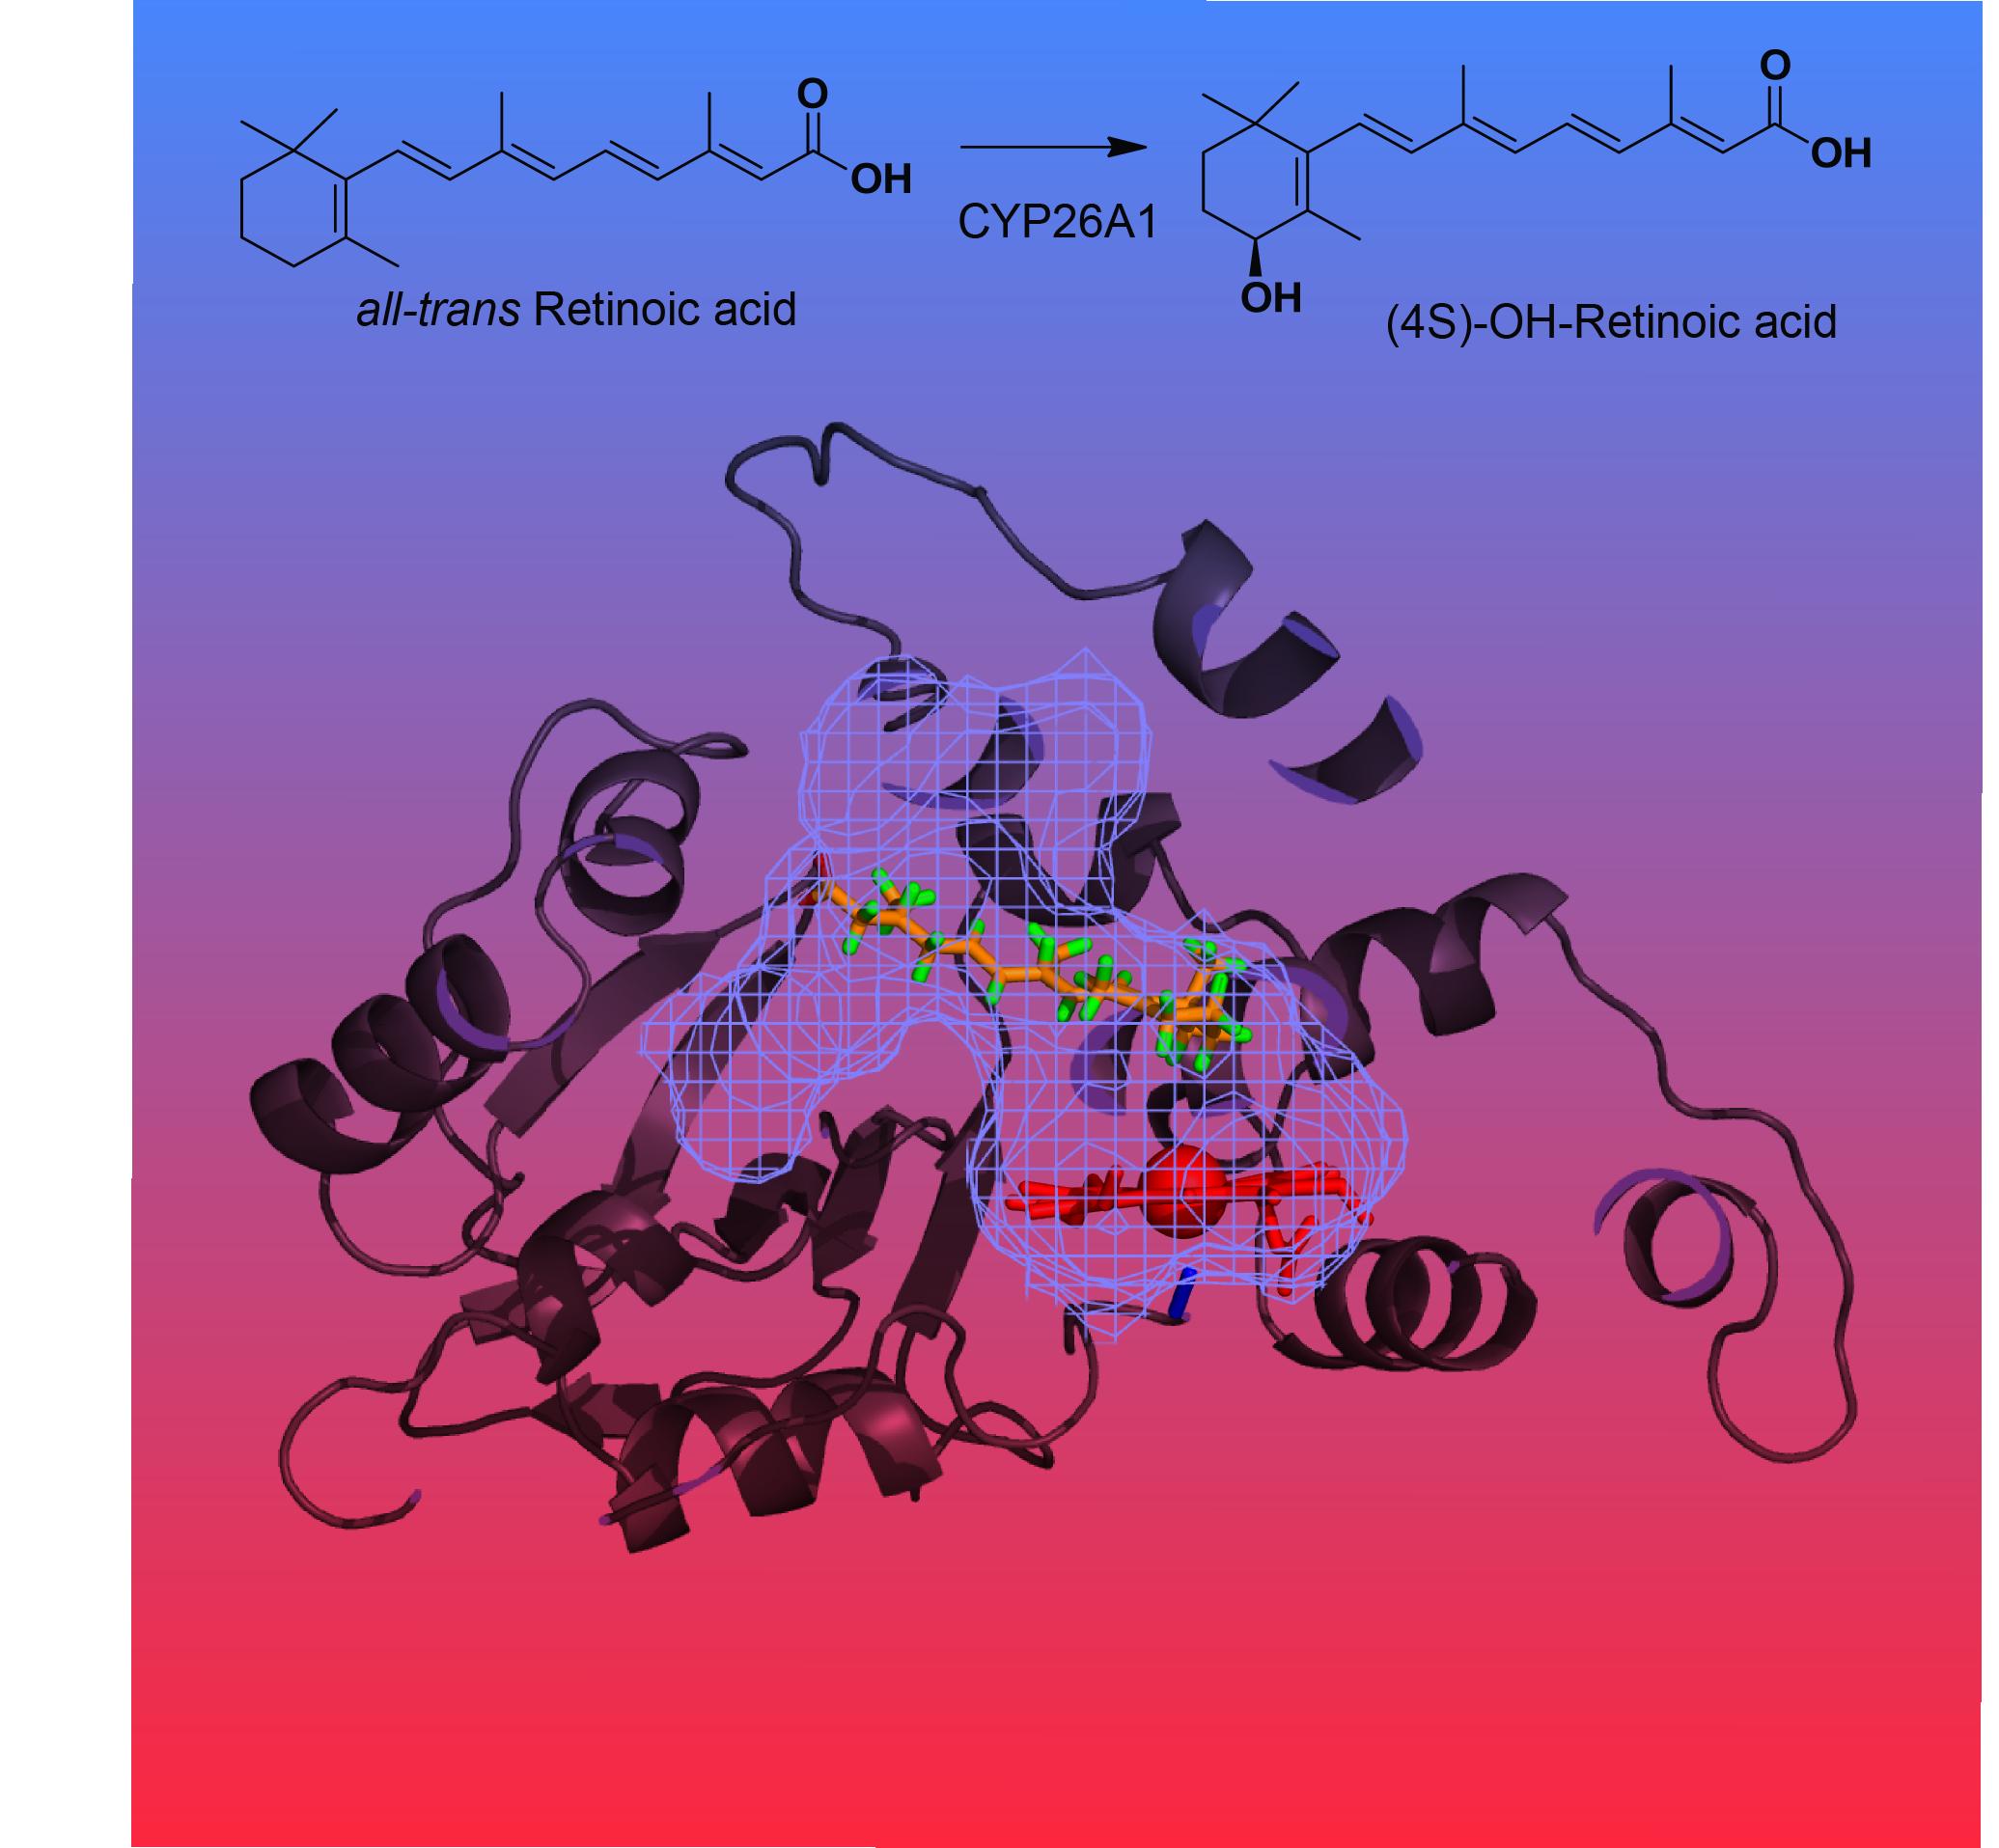 CYP26A1 homology model